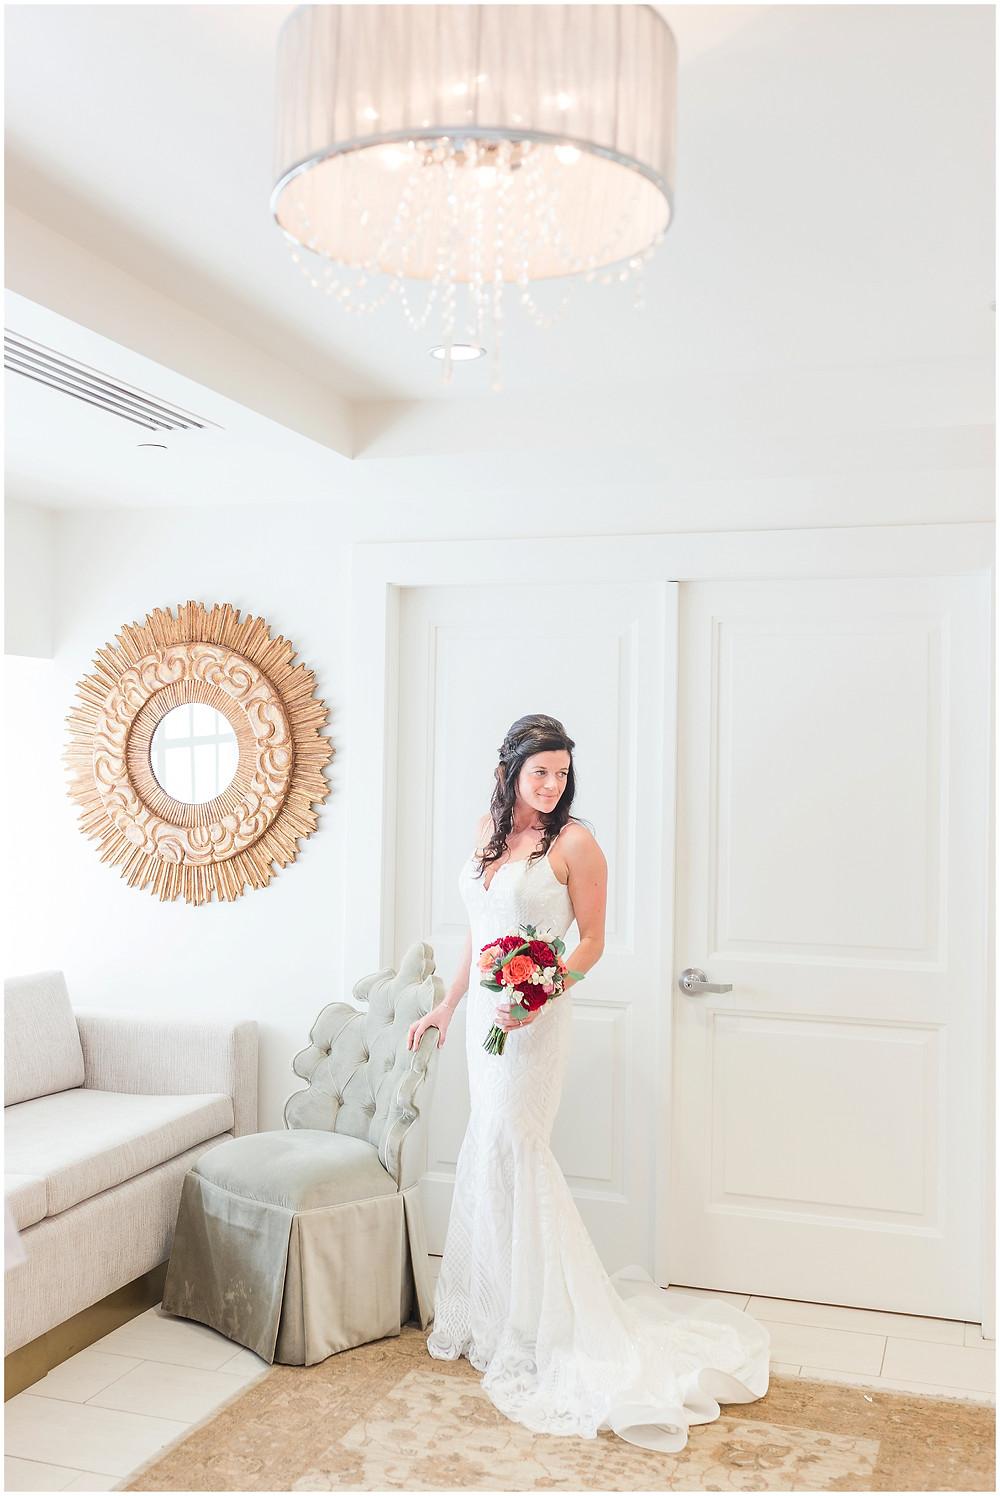 El Dorado Santa Fe. El Dorado Wedding. Santa Fe Wedding. Santa Fe Wedding Photographer. New Mexico Wedding. New Mexico Wedding Photographer. Lace Wedding Dress. Classic Bride. Elegant Bride.